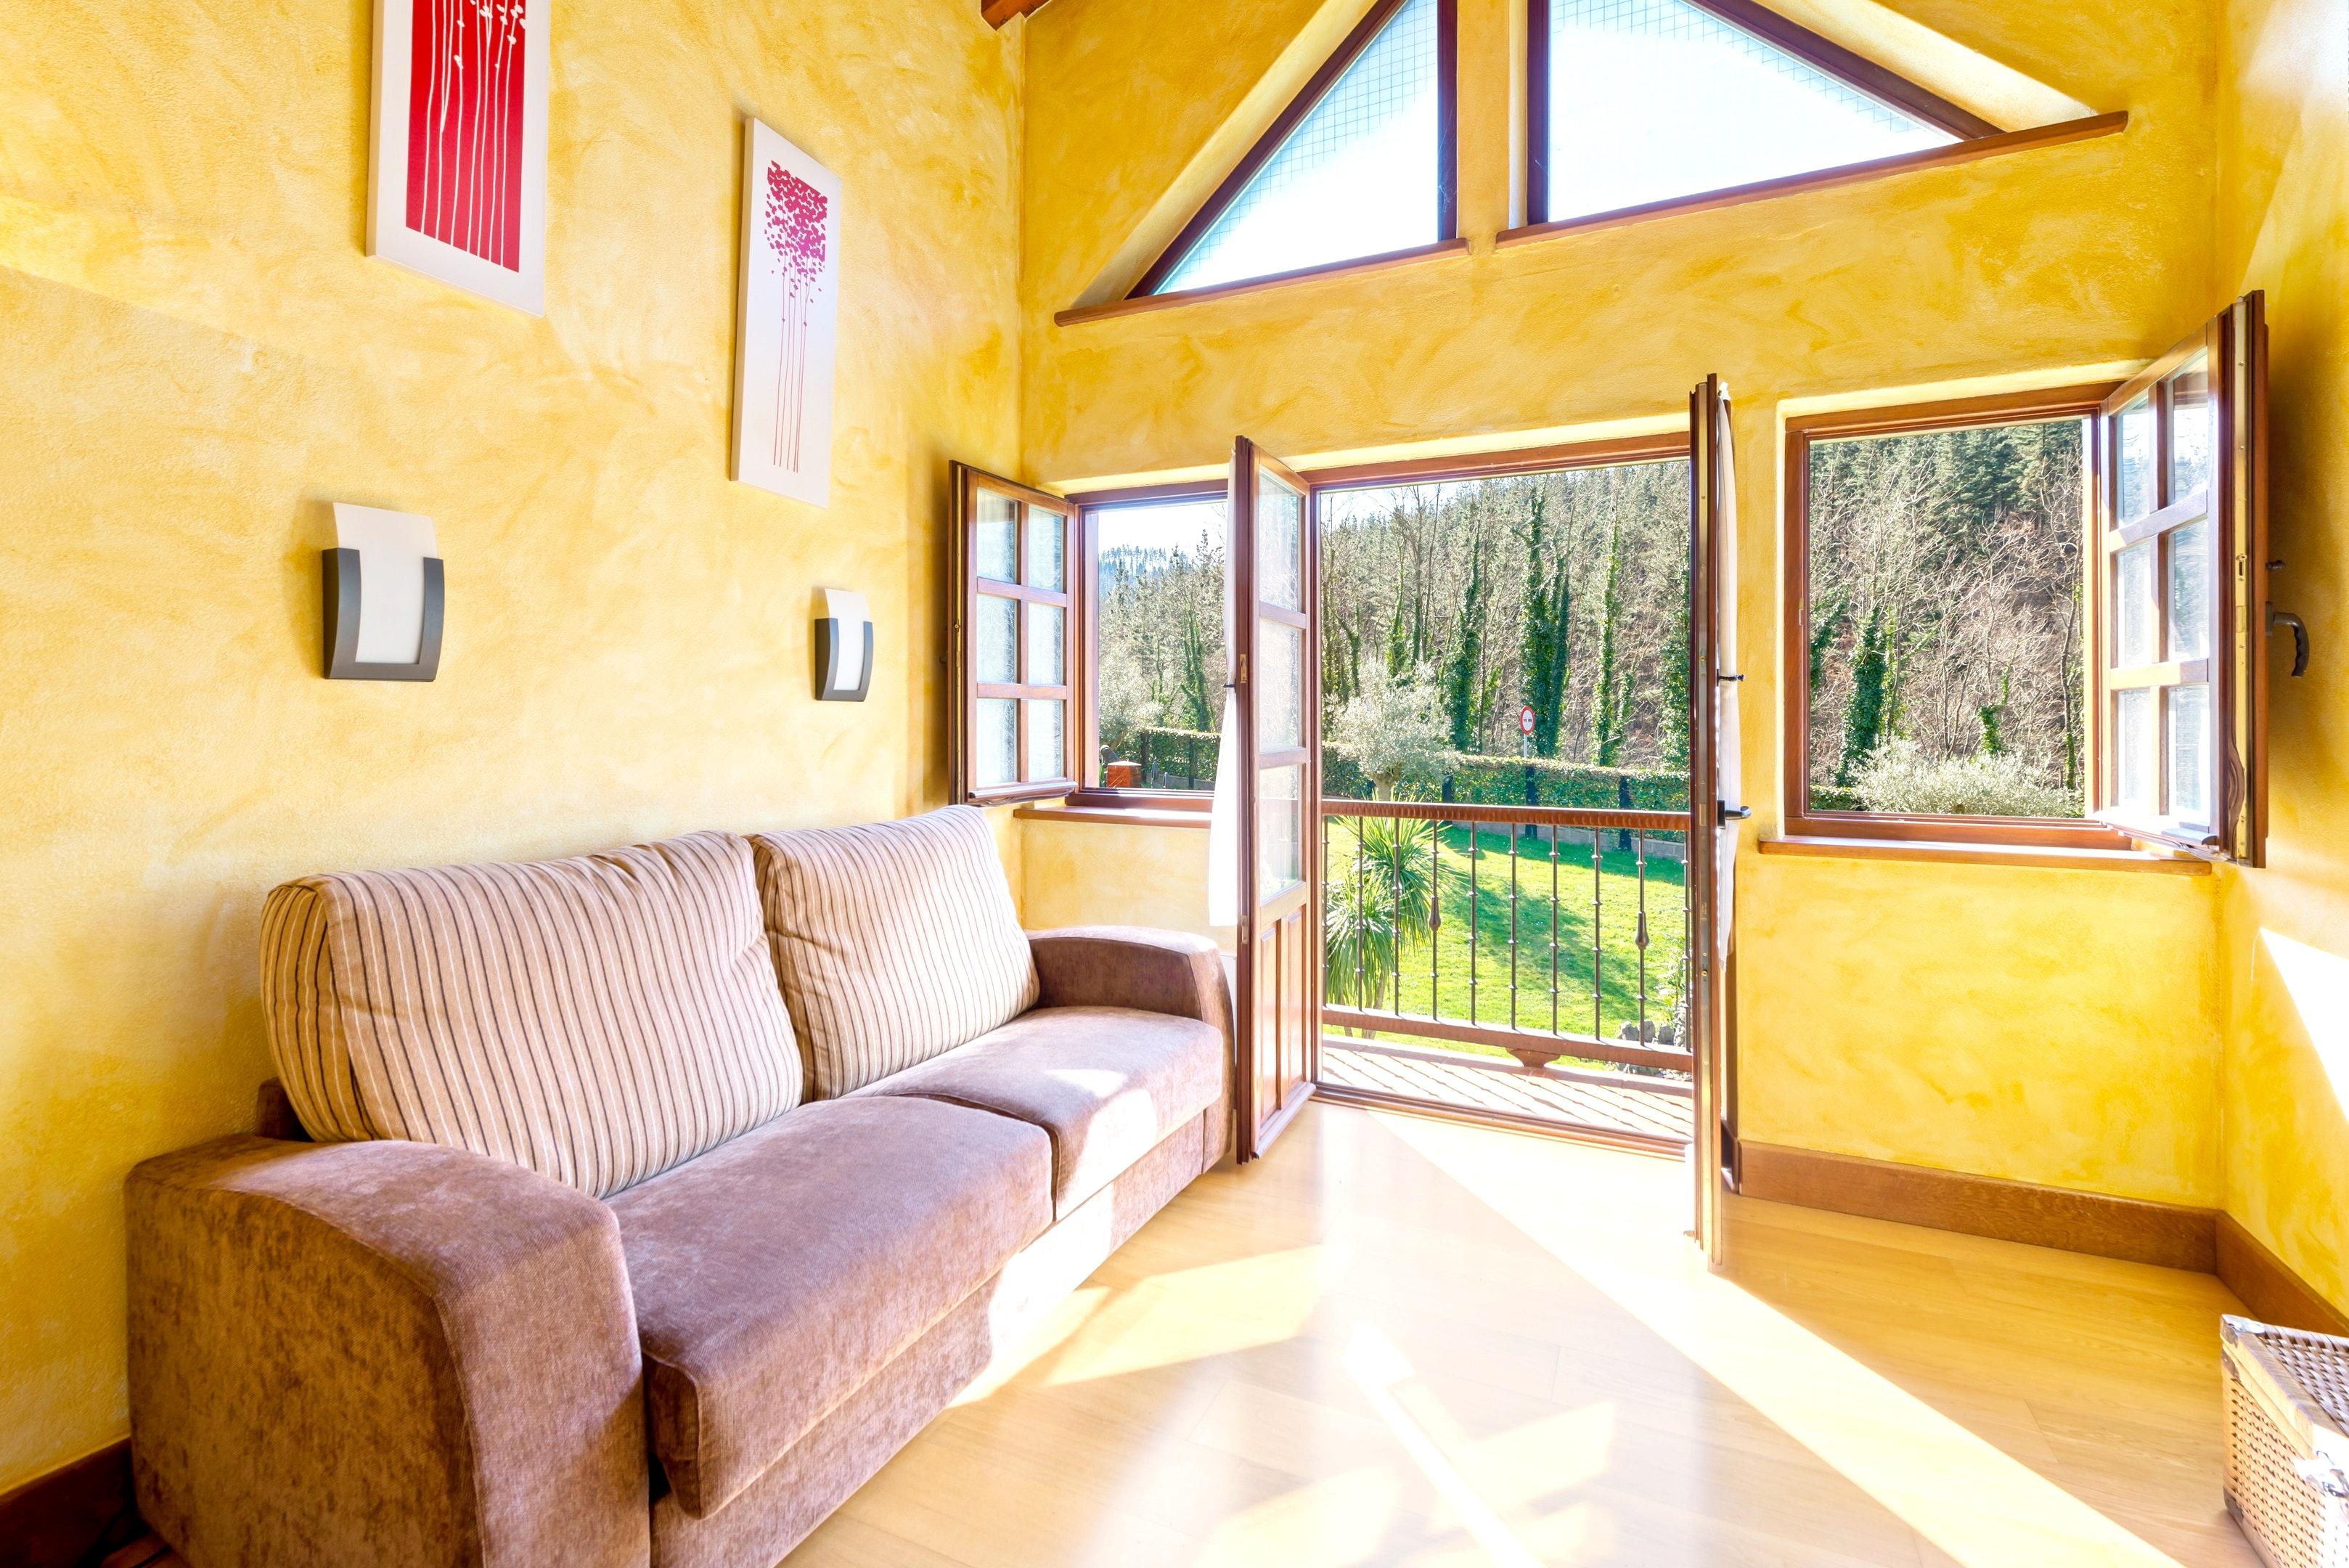 Ferienhaus Villa mit 6 Schlafzimmern in Bizkaia mit privatem Pool und möblierter Terrasse (2519370), Dima, Bizkaia, Baskenland, Spanien, Bild 19